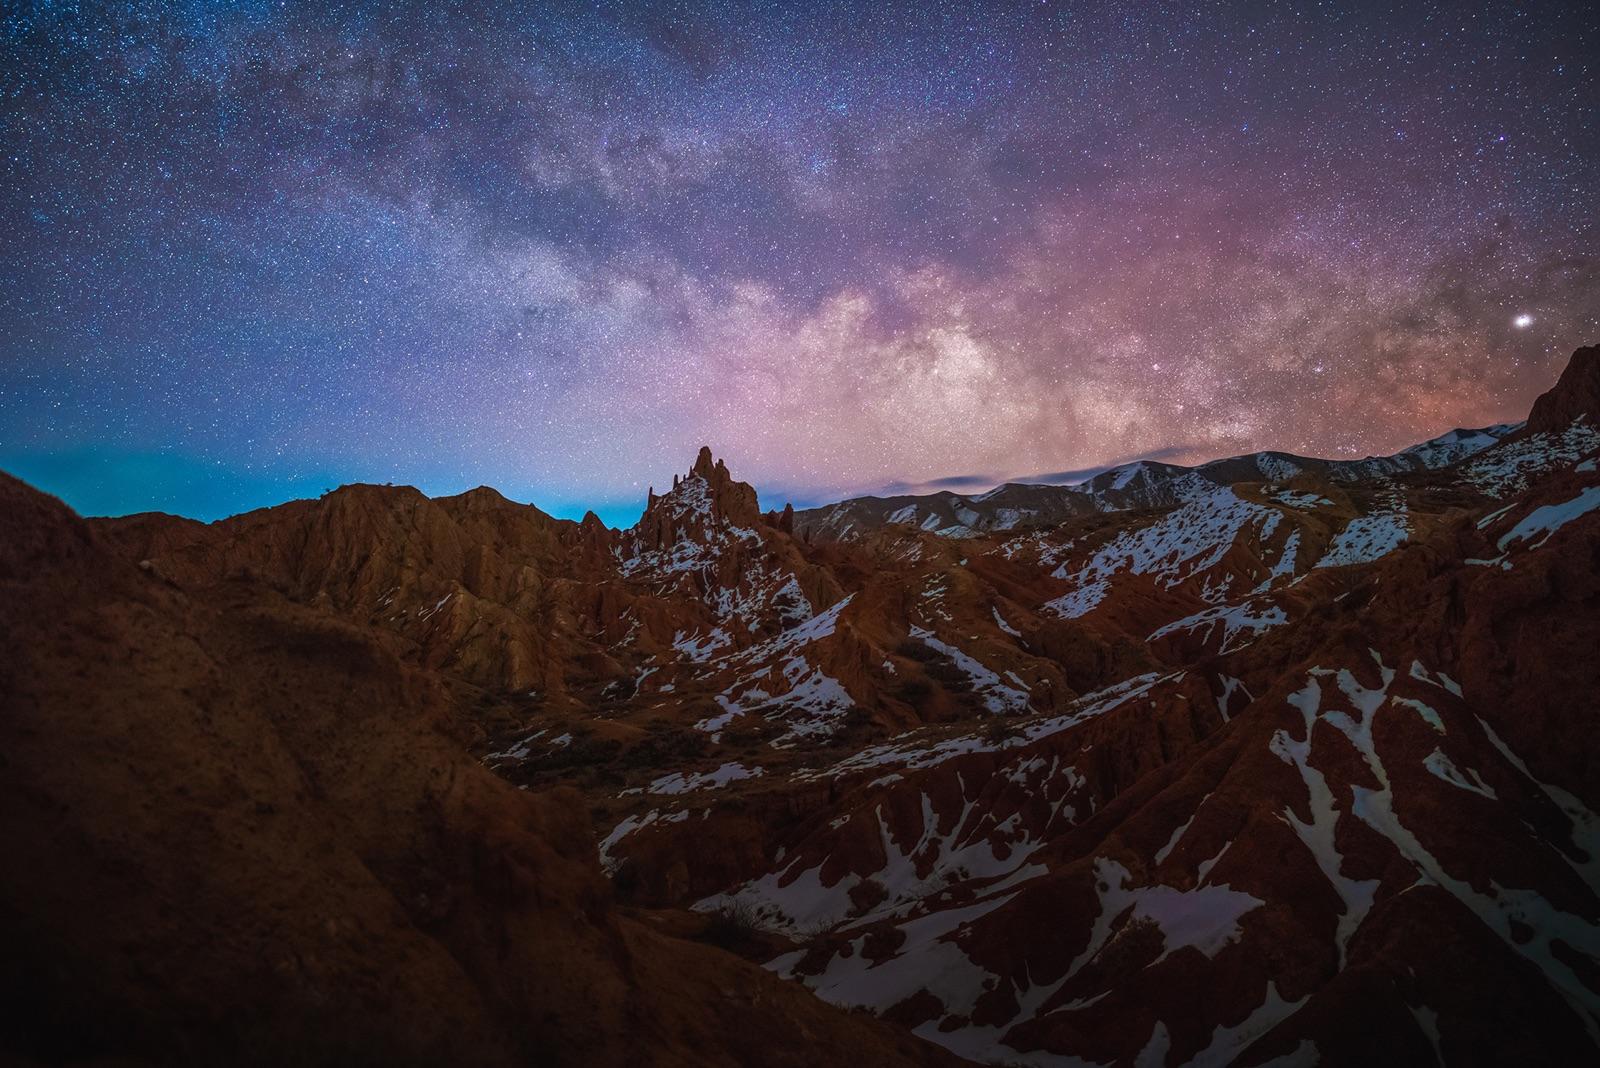 foto van de melkweg boven bergen bij nacht